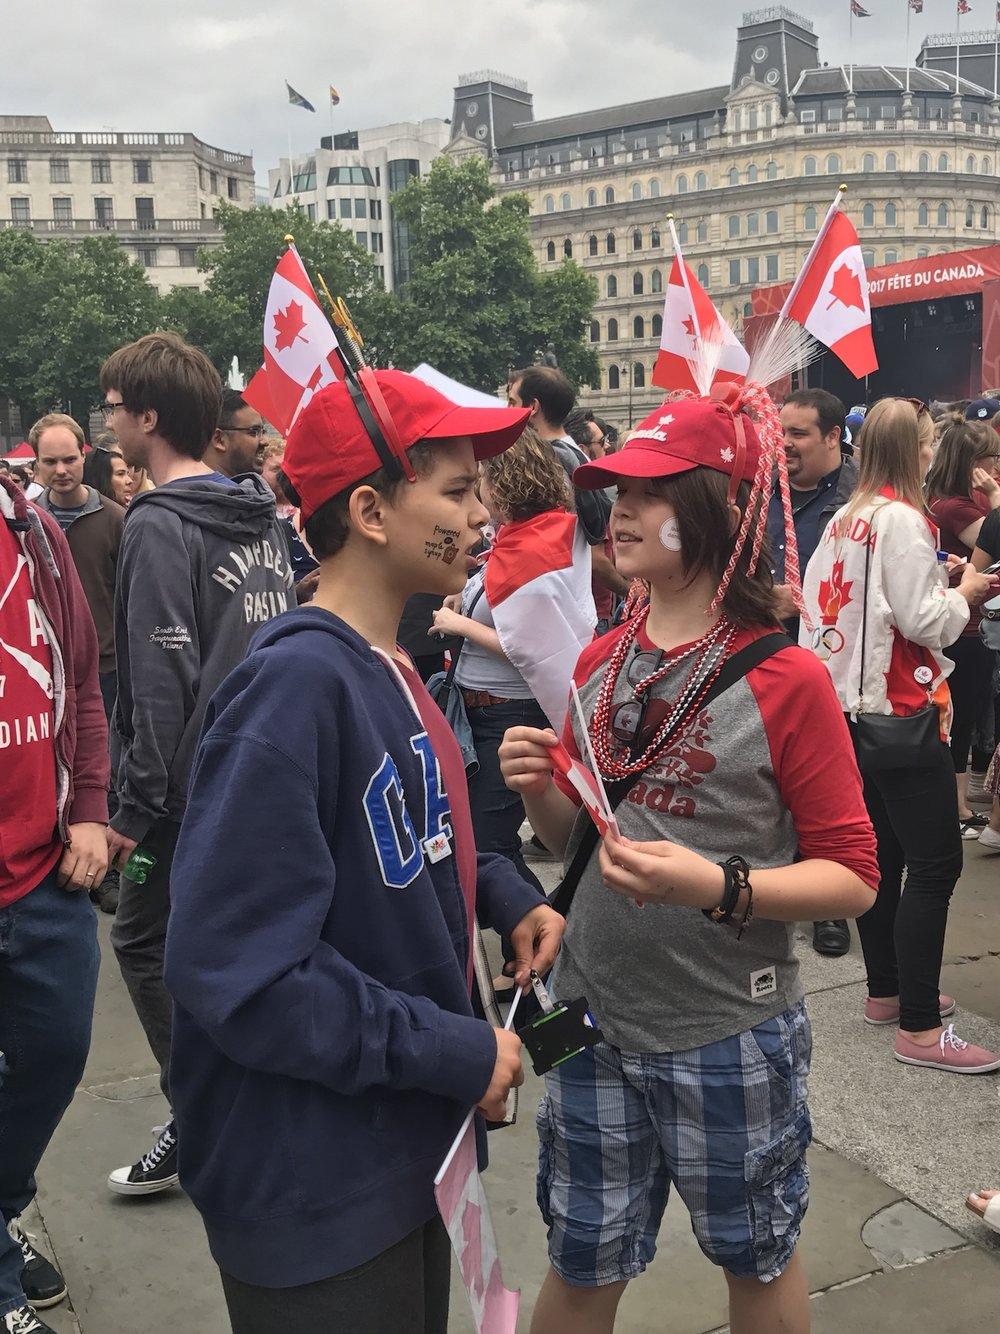 Canadian kids celebrating Canada Day in Trafalgar Square 2017